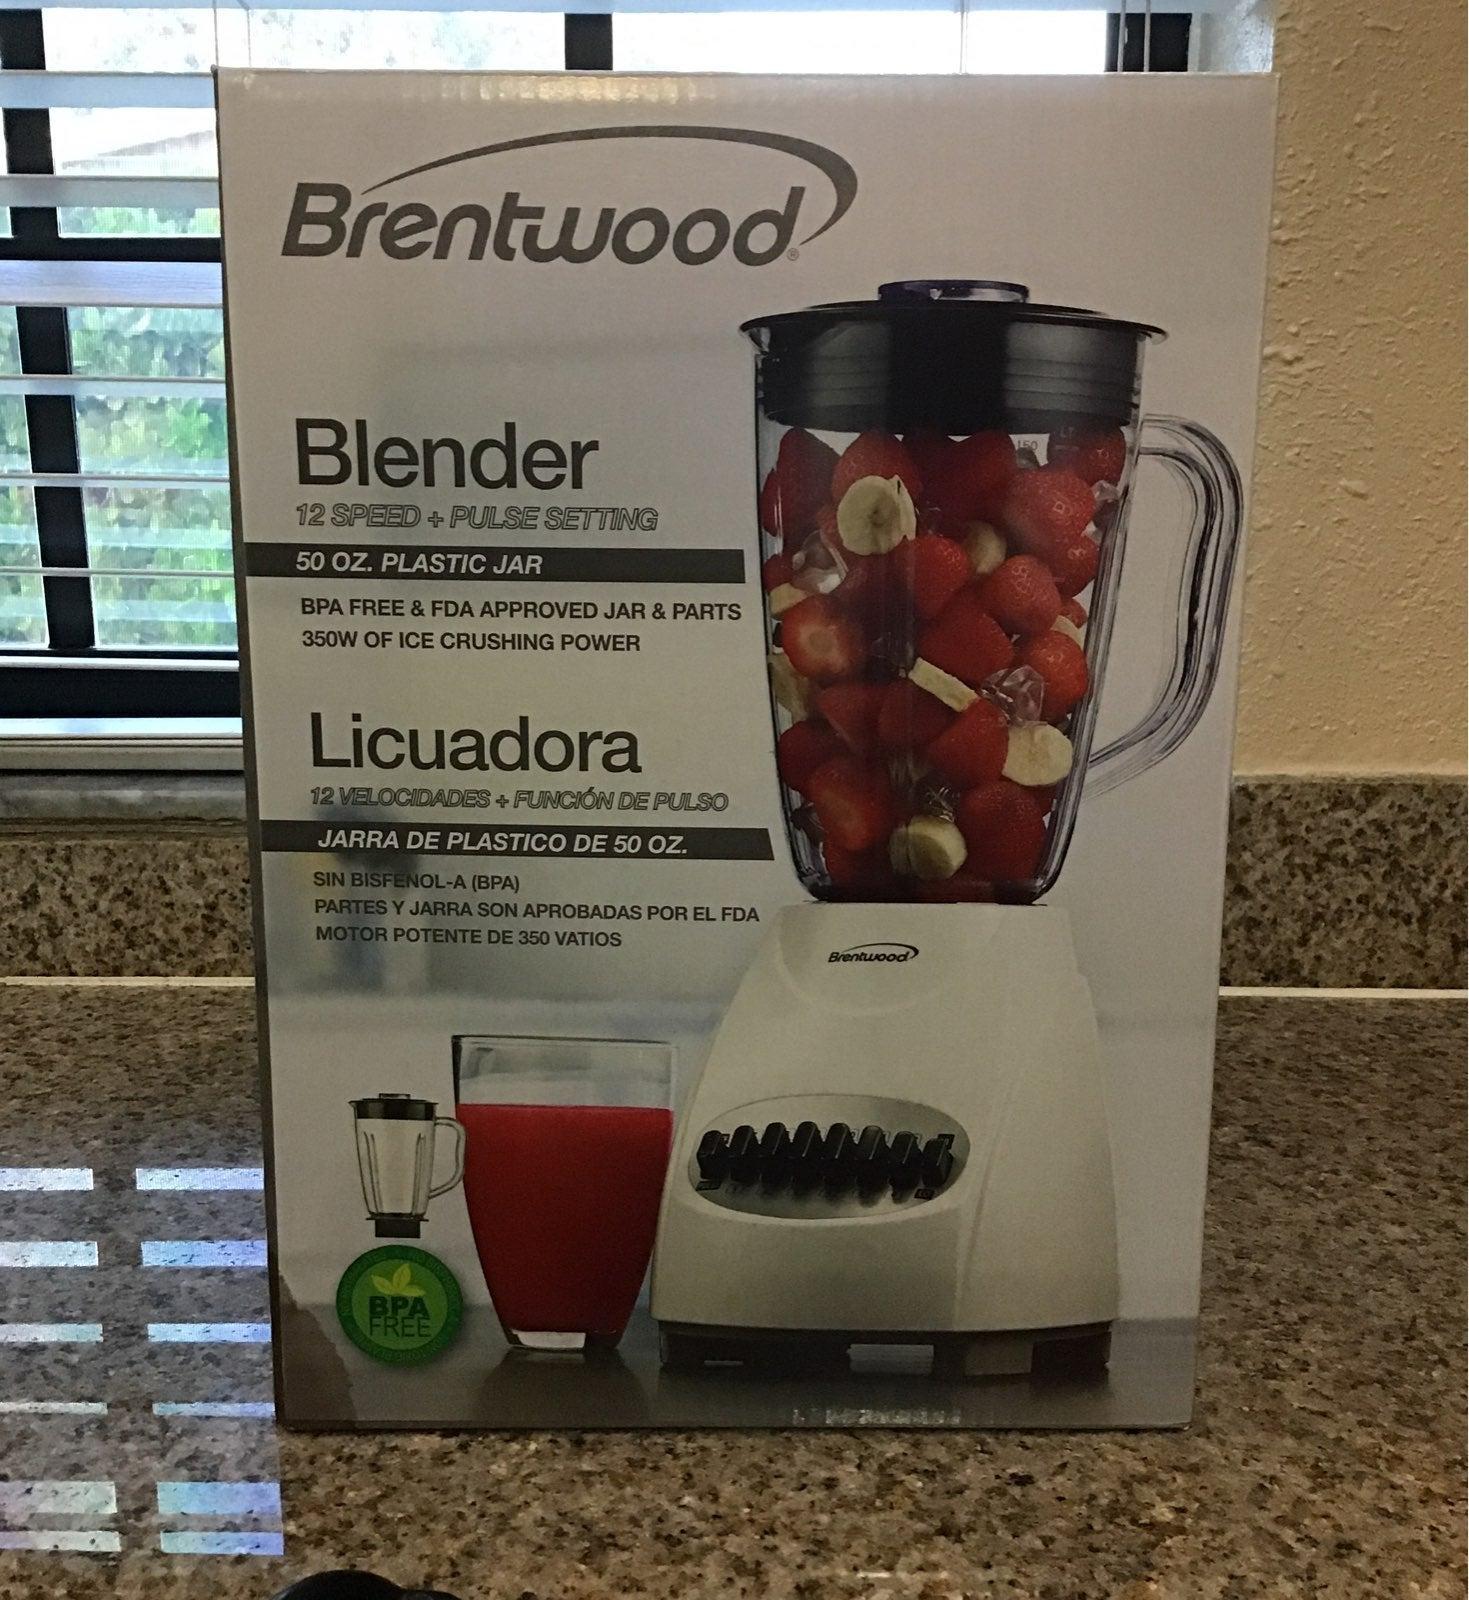 Brentwood 50 OZ. Blender